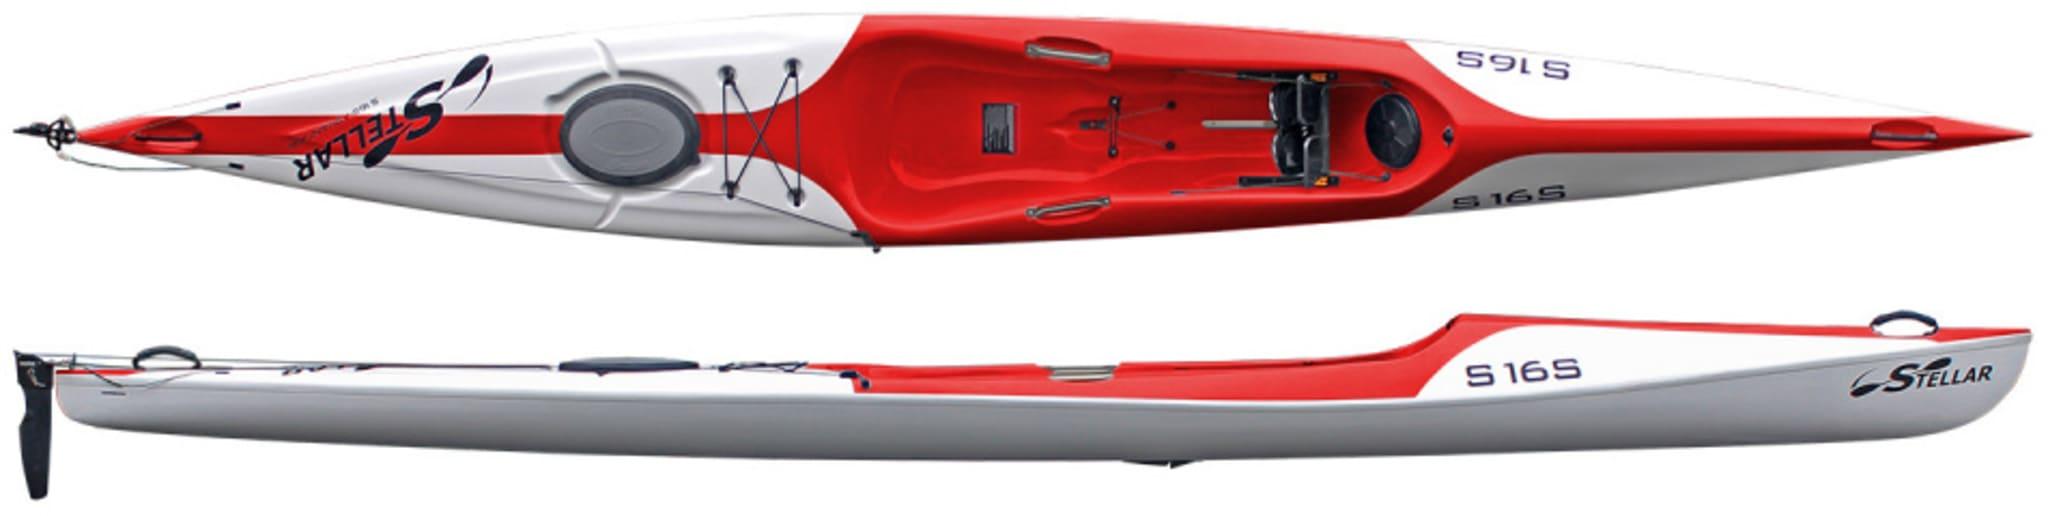 S16S er stabil, er lett å svinge, og har et meget lettdrevet skrog. En skikkelig allrounder som gir padleglede fra første tak.